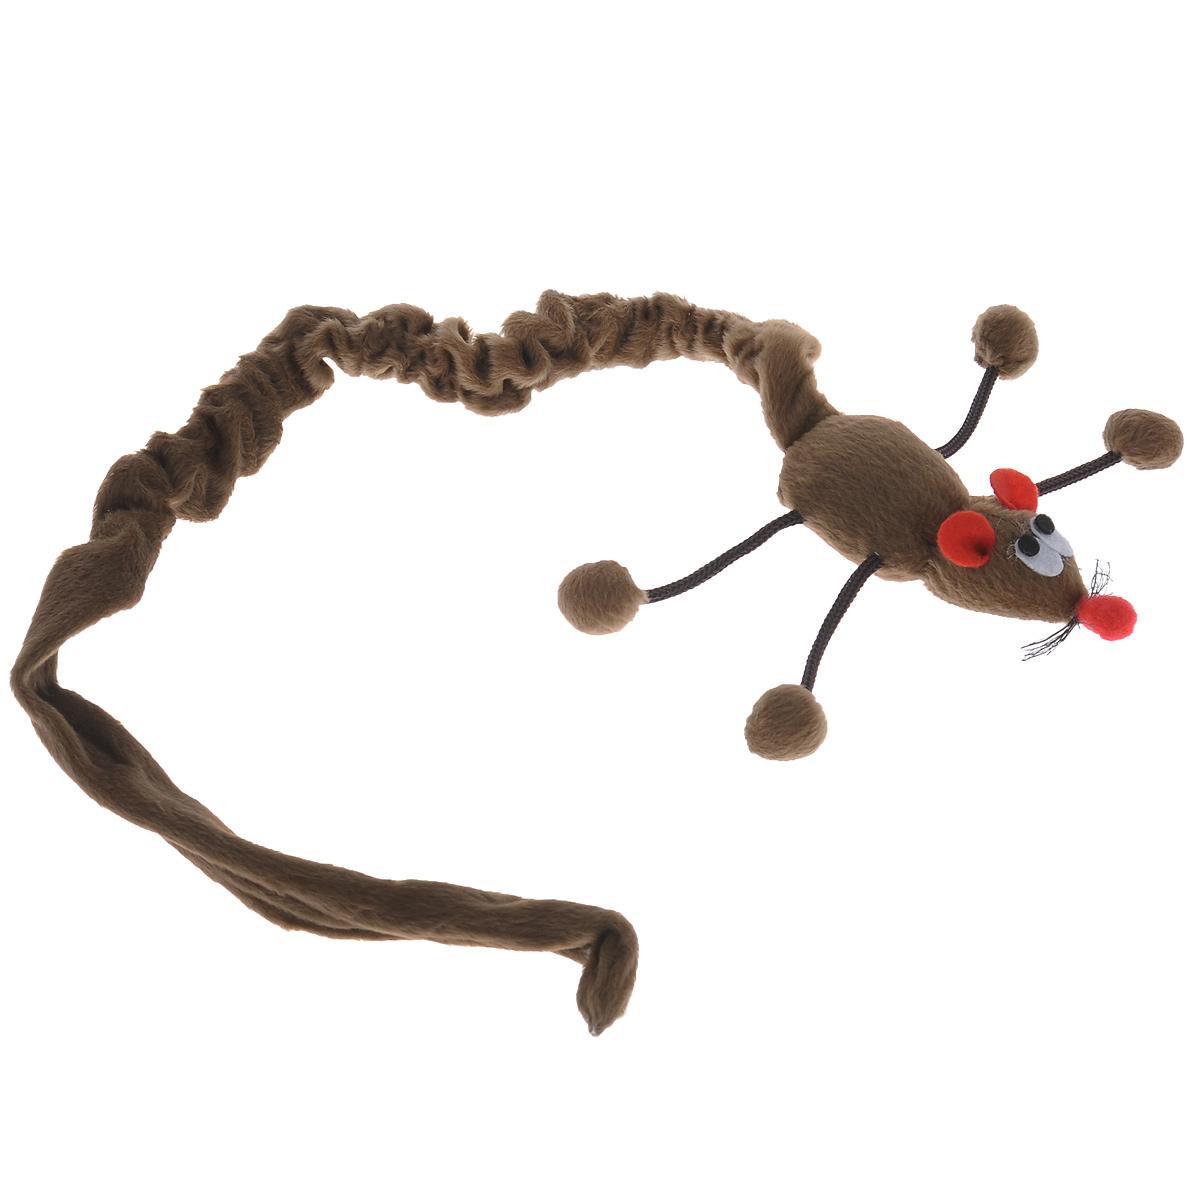 Игрушка для кошек I.P.T.S. Дразнилка-мышь, подвесная, цвет: коричневый, длина 61-86 см0120710Игрушка I.P.T.S. Дразнилка-мышь, изготовленная из текстиля, выполнена в виде удочки с подвесной плюшевой мышкой и предназначена для активных игр с кошкой.Такая игрушка не навредит здоровью вашего питомца и увлечет его на долгое время.Длина: 61-86 см.